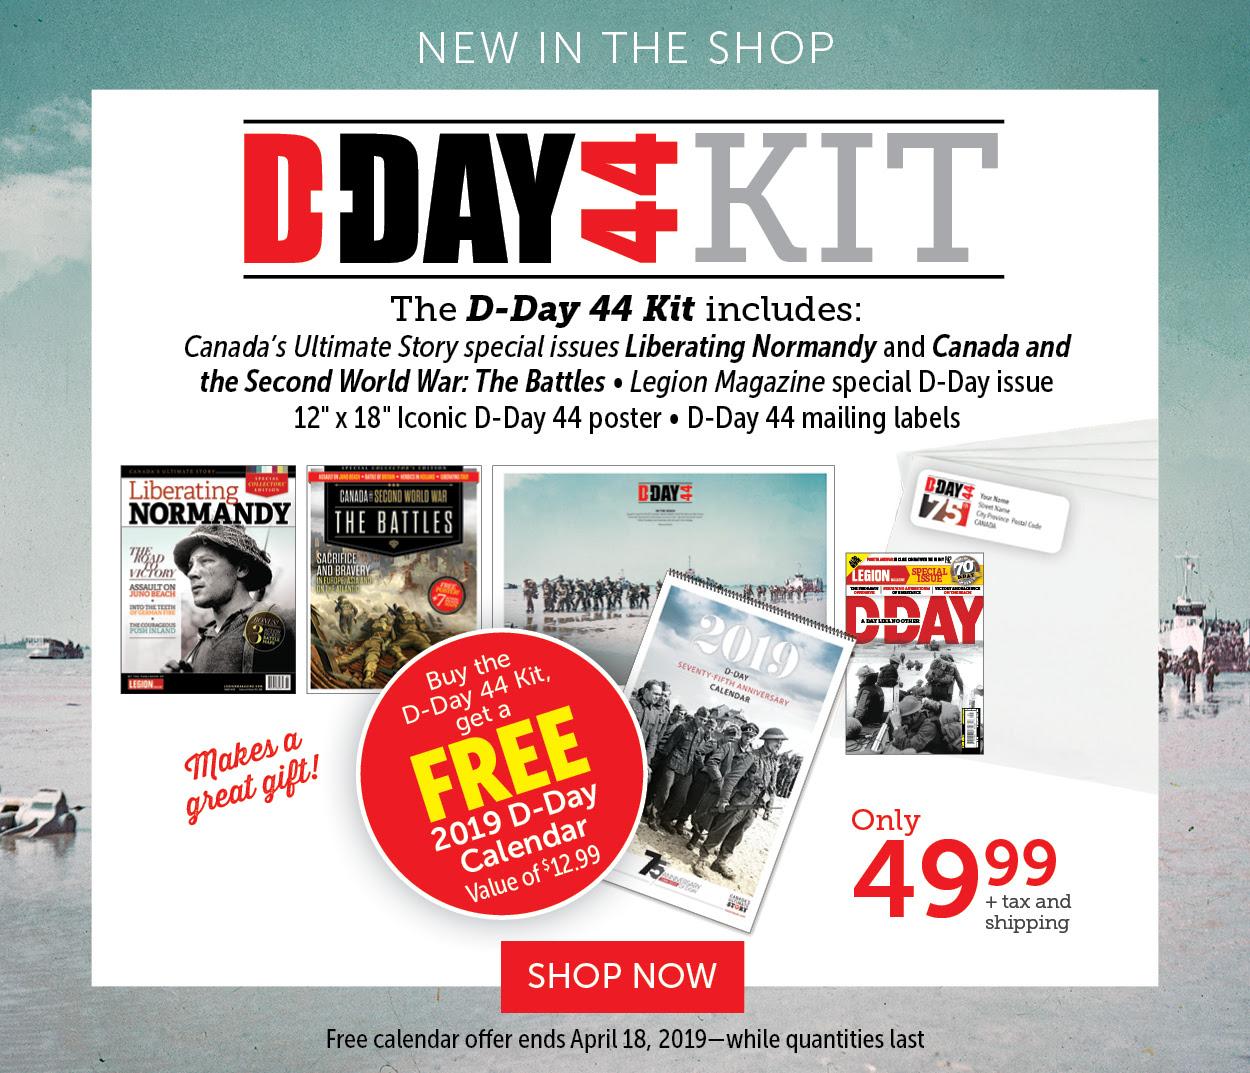 D-Day 44 Kit